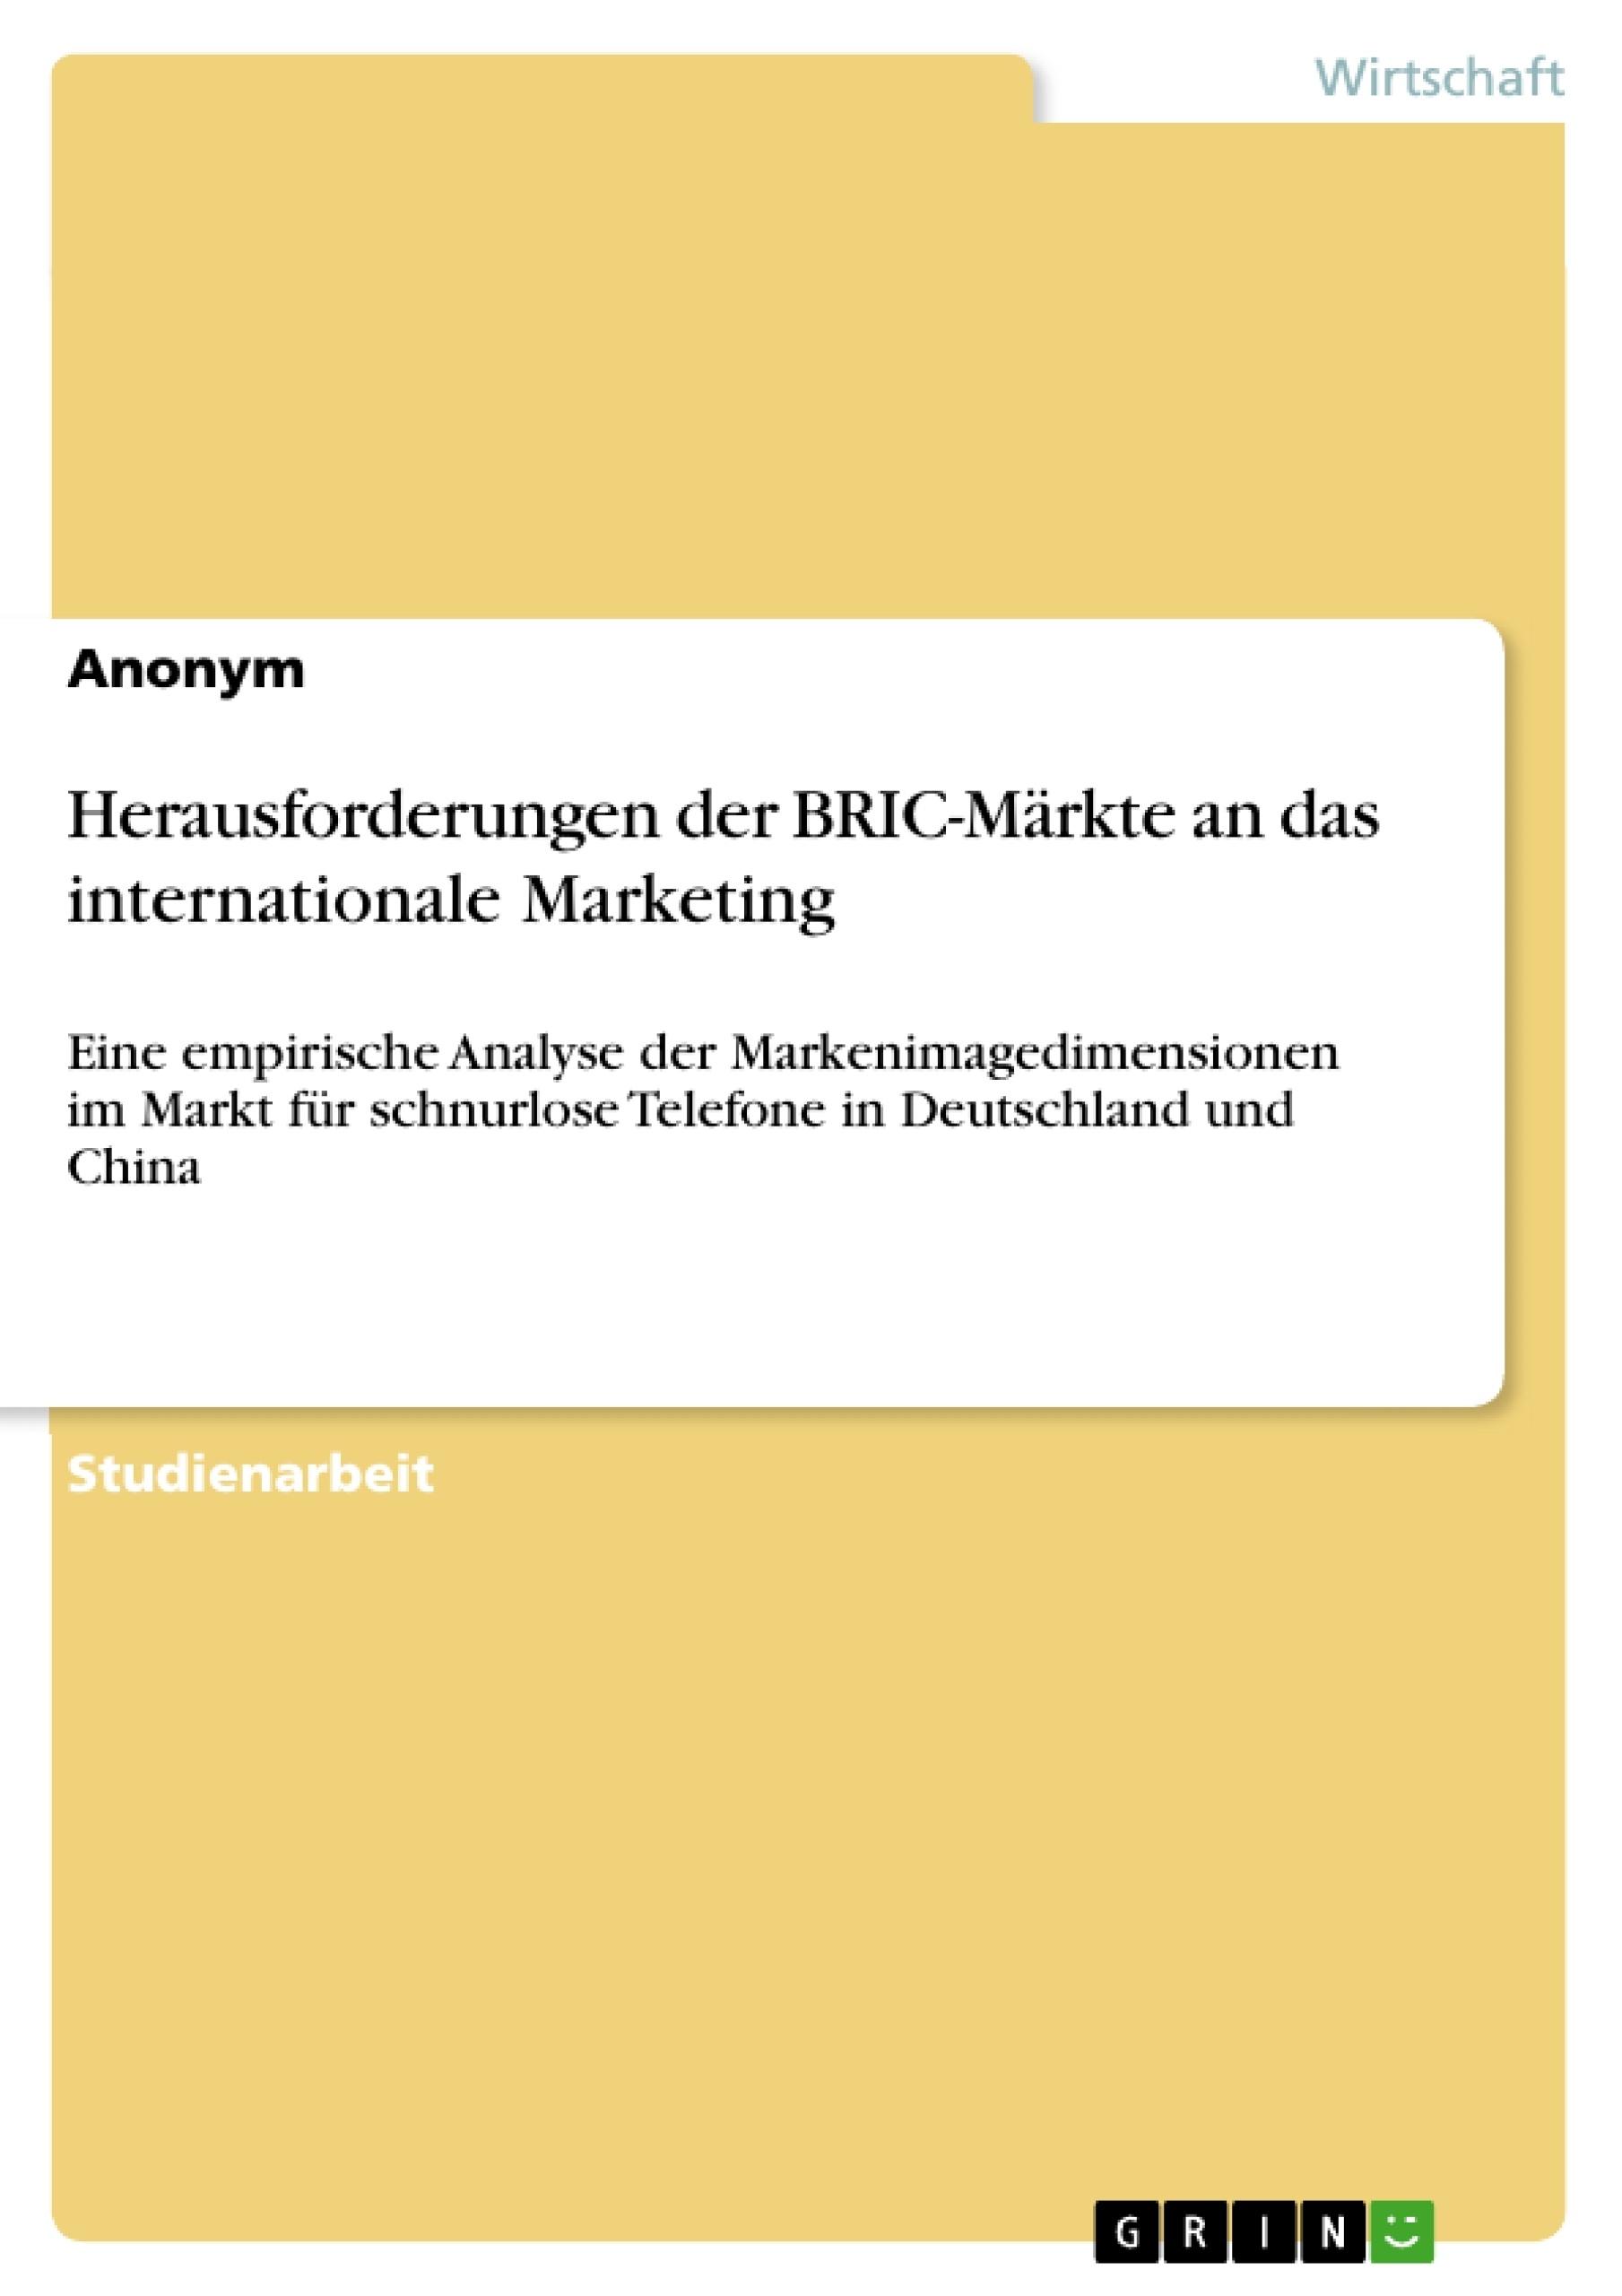 Titel: Herausforderungen der BRIC-Märkte an das internationale Marketing